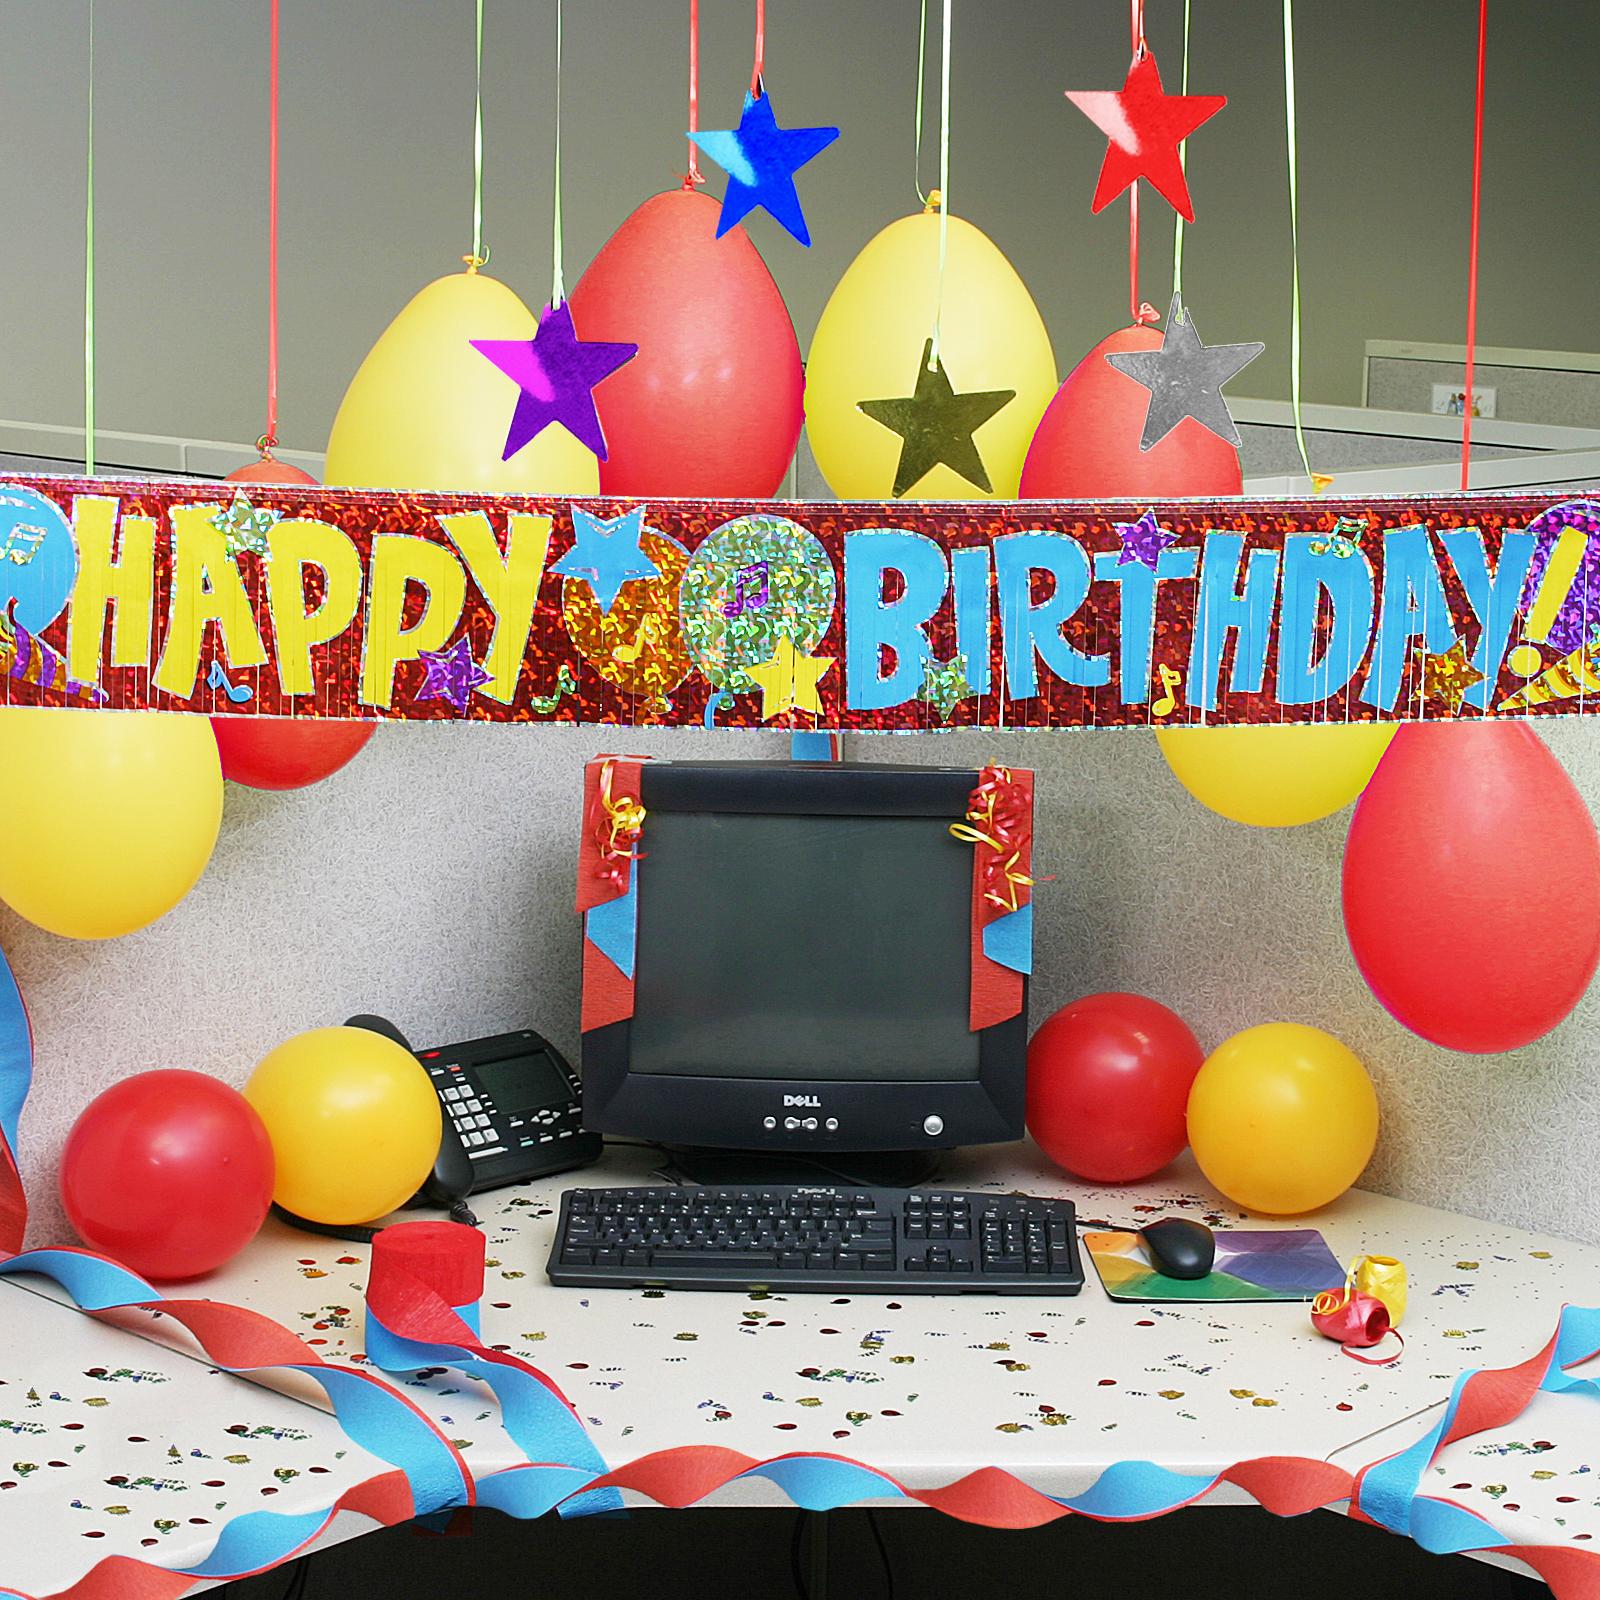 Марта, открытки с днем рождения офиса